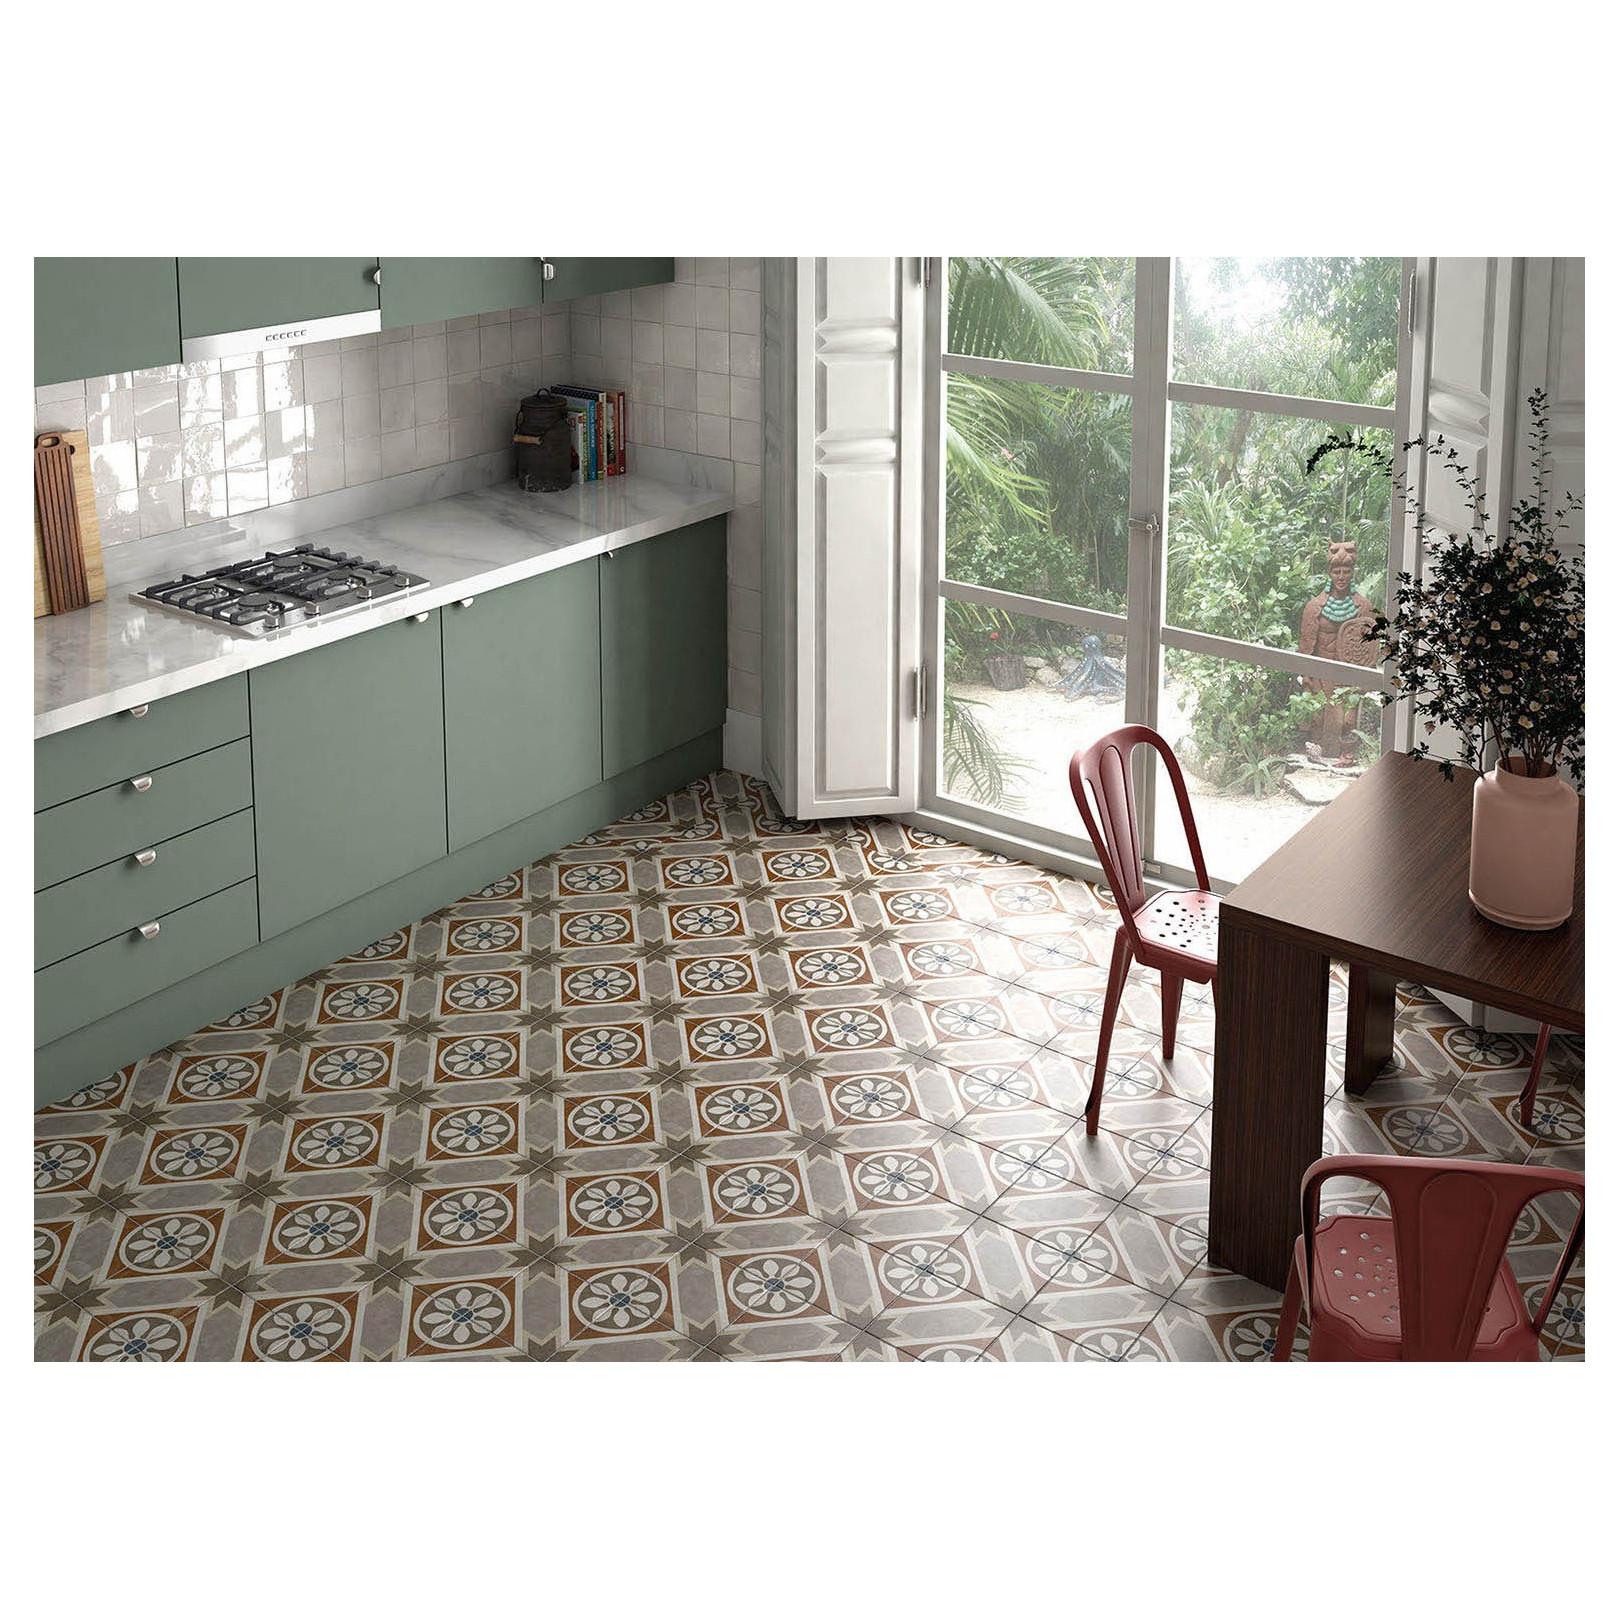 Carrelage grès cérame effet carreau ciment Art Nouveau Colour Apollo 20x20cm